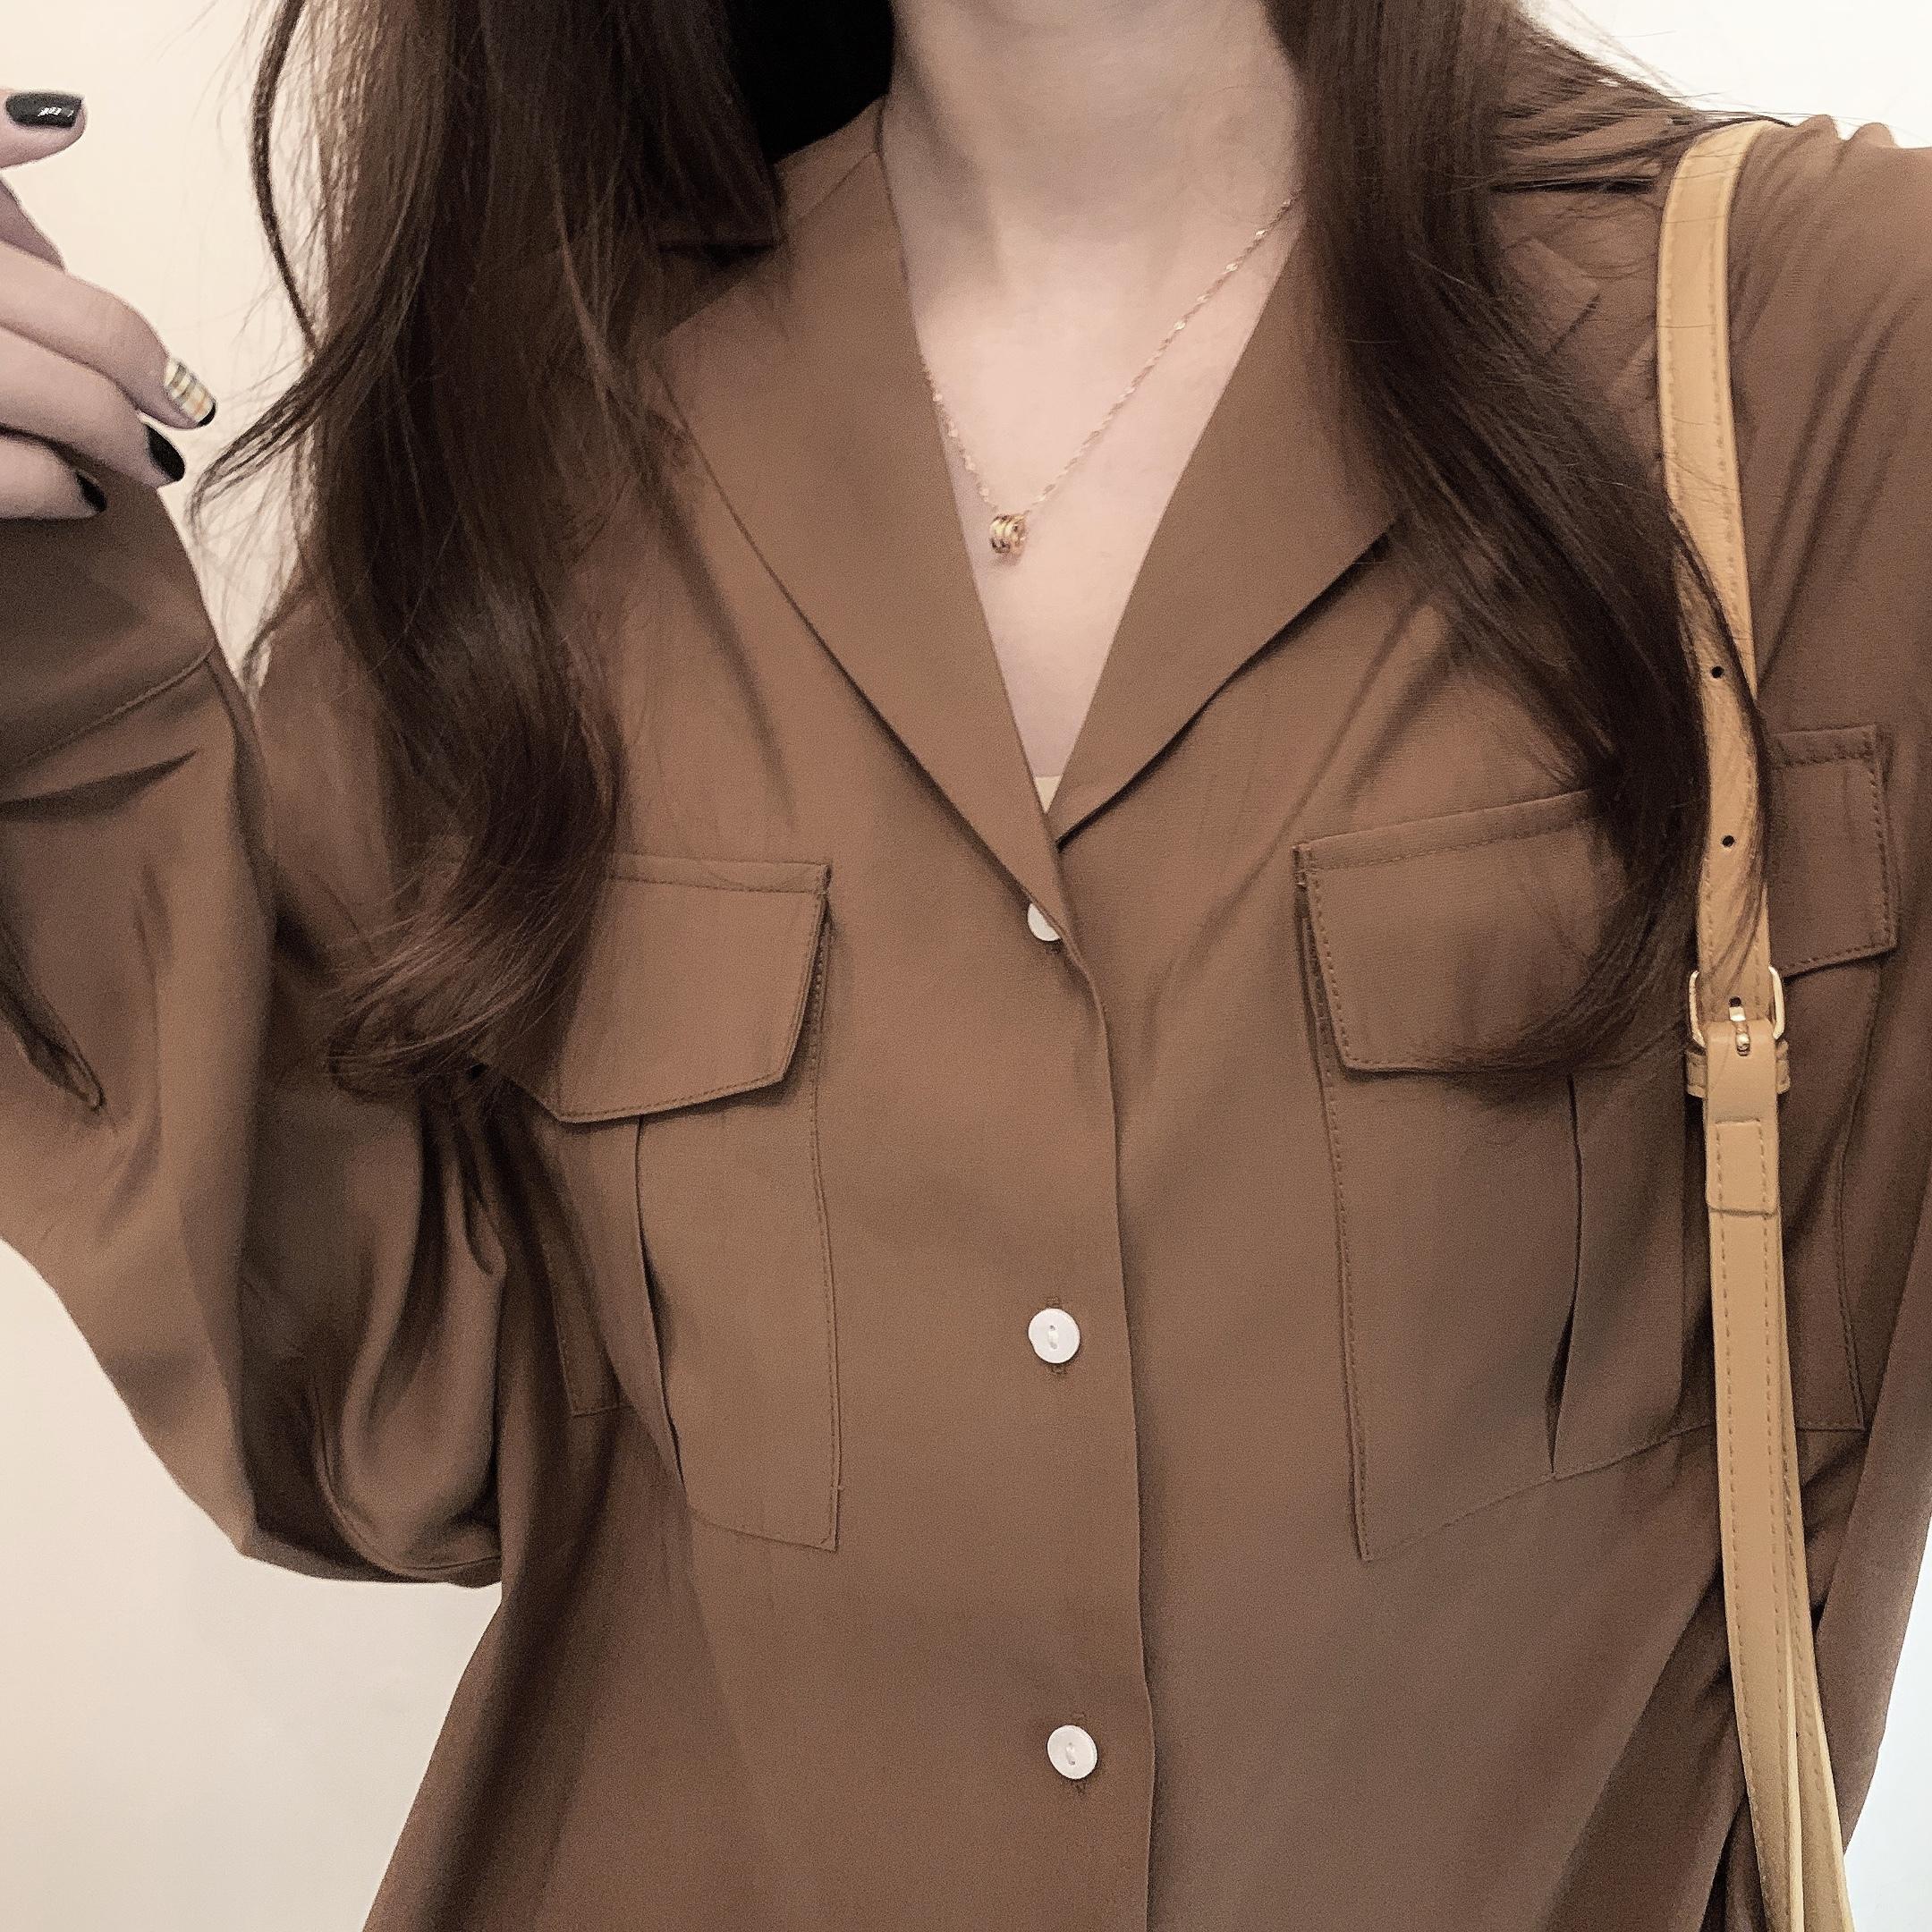 〈カフェシリーズ〉キャラメルココアルーズシャツ【caramel cocoa loose shirt】